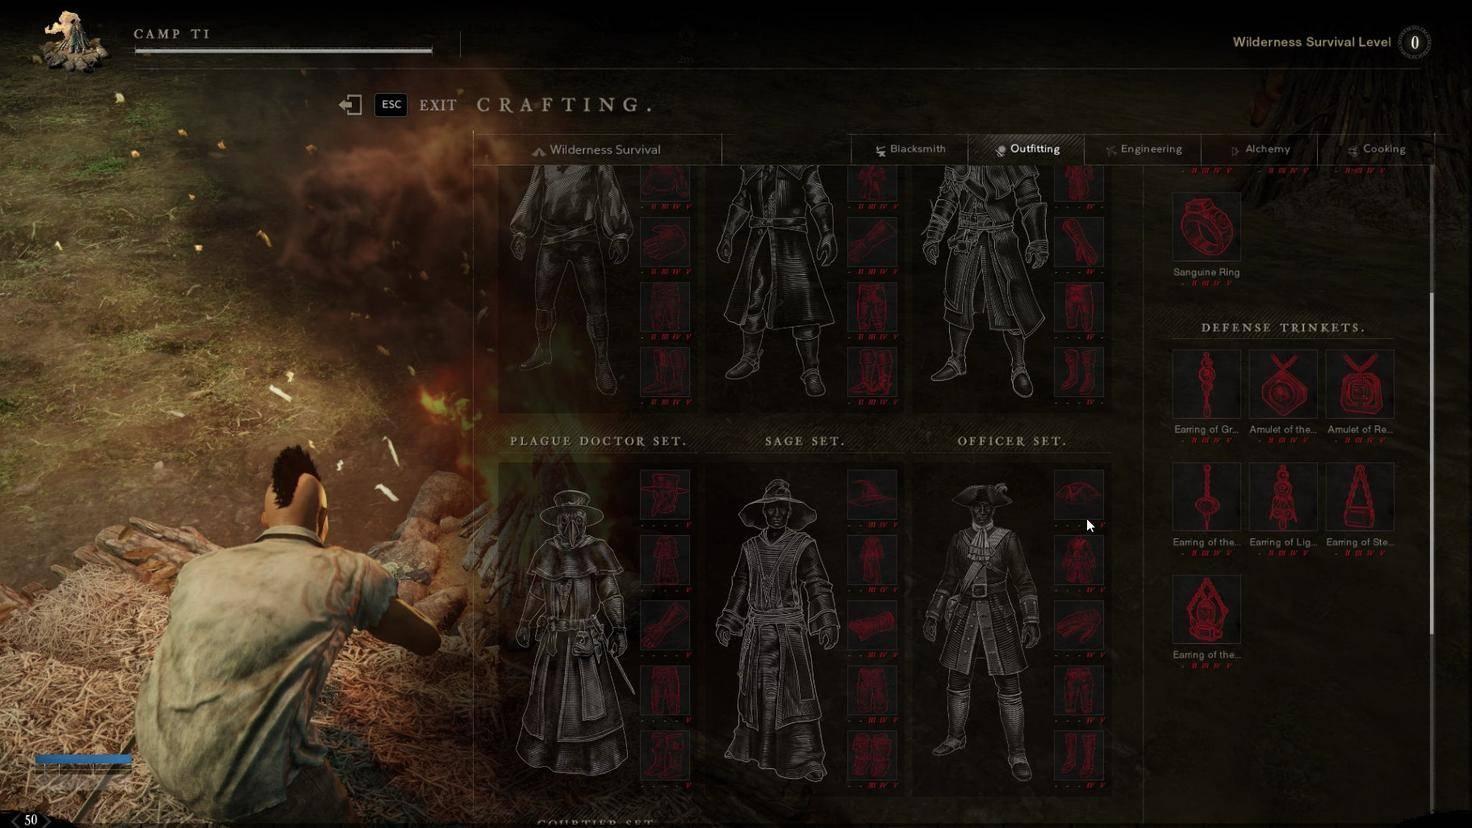 Das klassenlose System ermöglicht das Spielen verschiedener Charaktertypen durch Ausrüstungs-Sets.